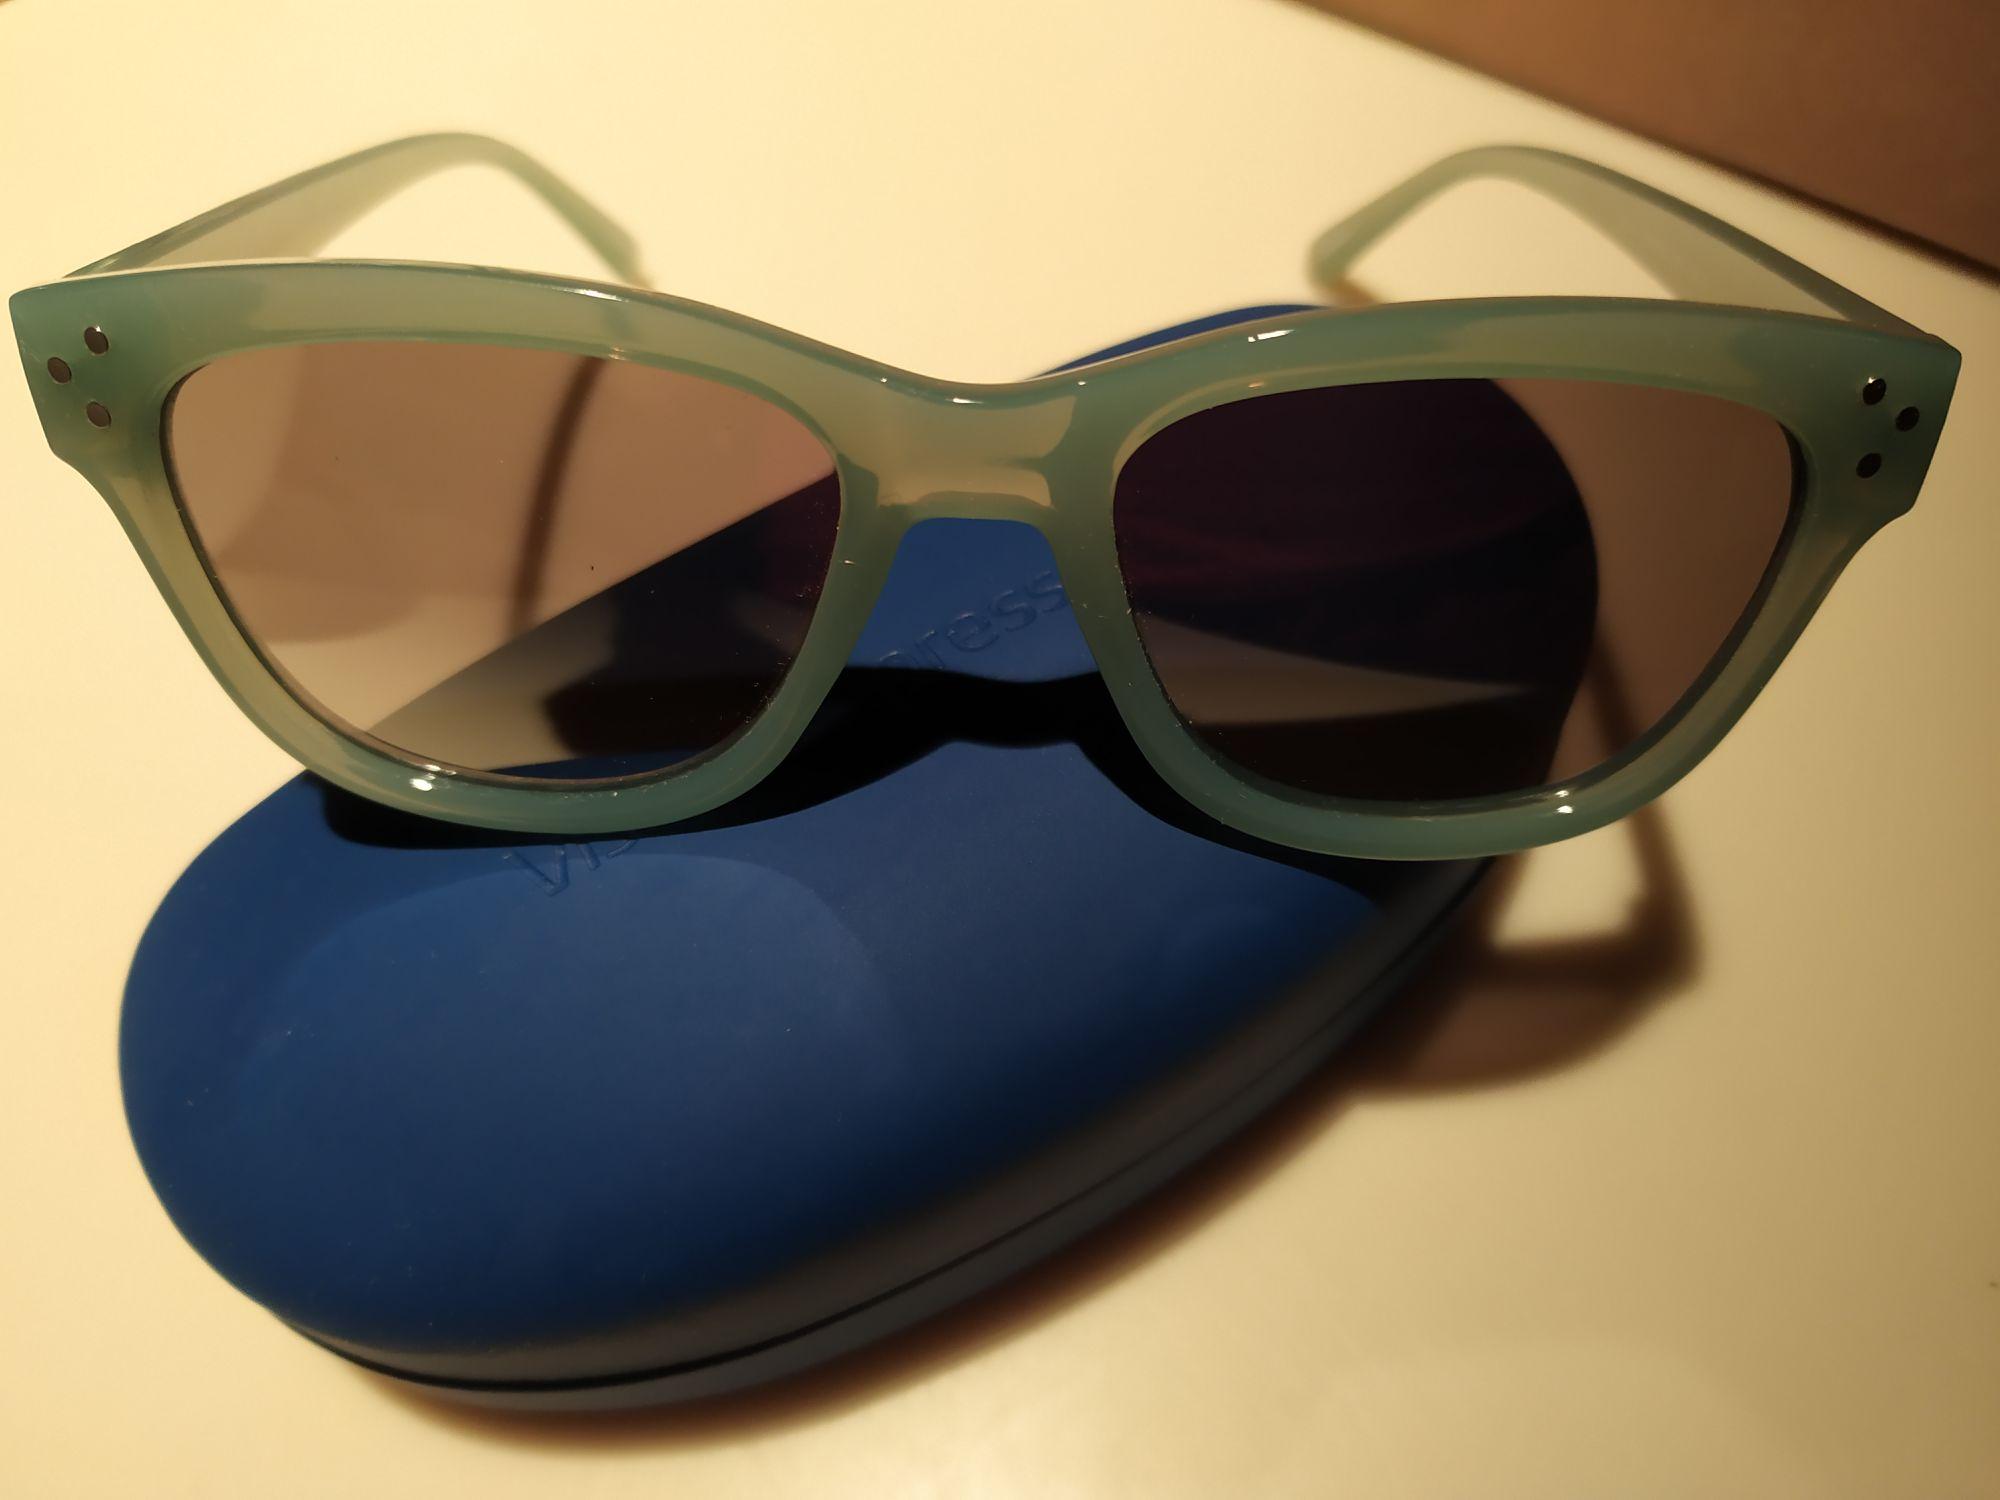 Okulary przeciwsłoneczne SEEN w Vision Express UV cat.3 + etui